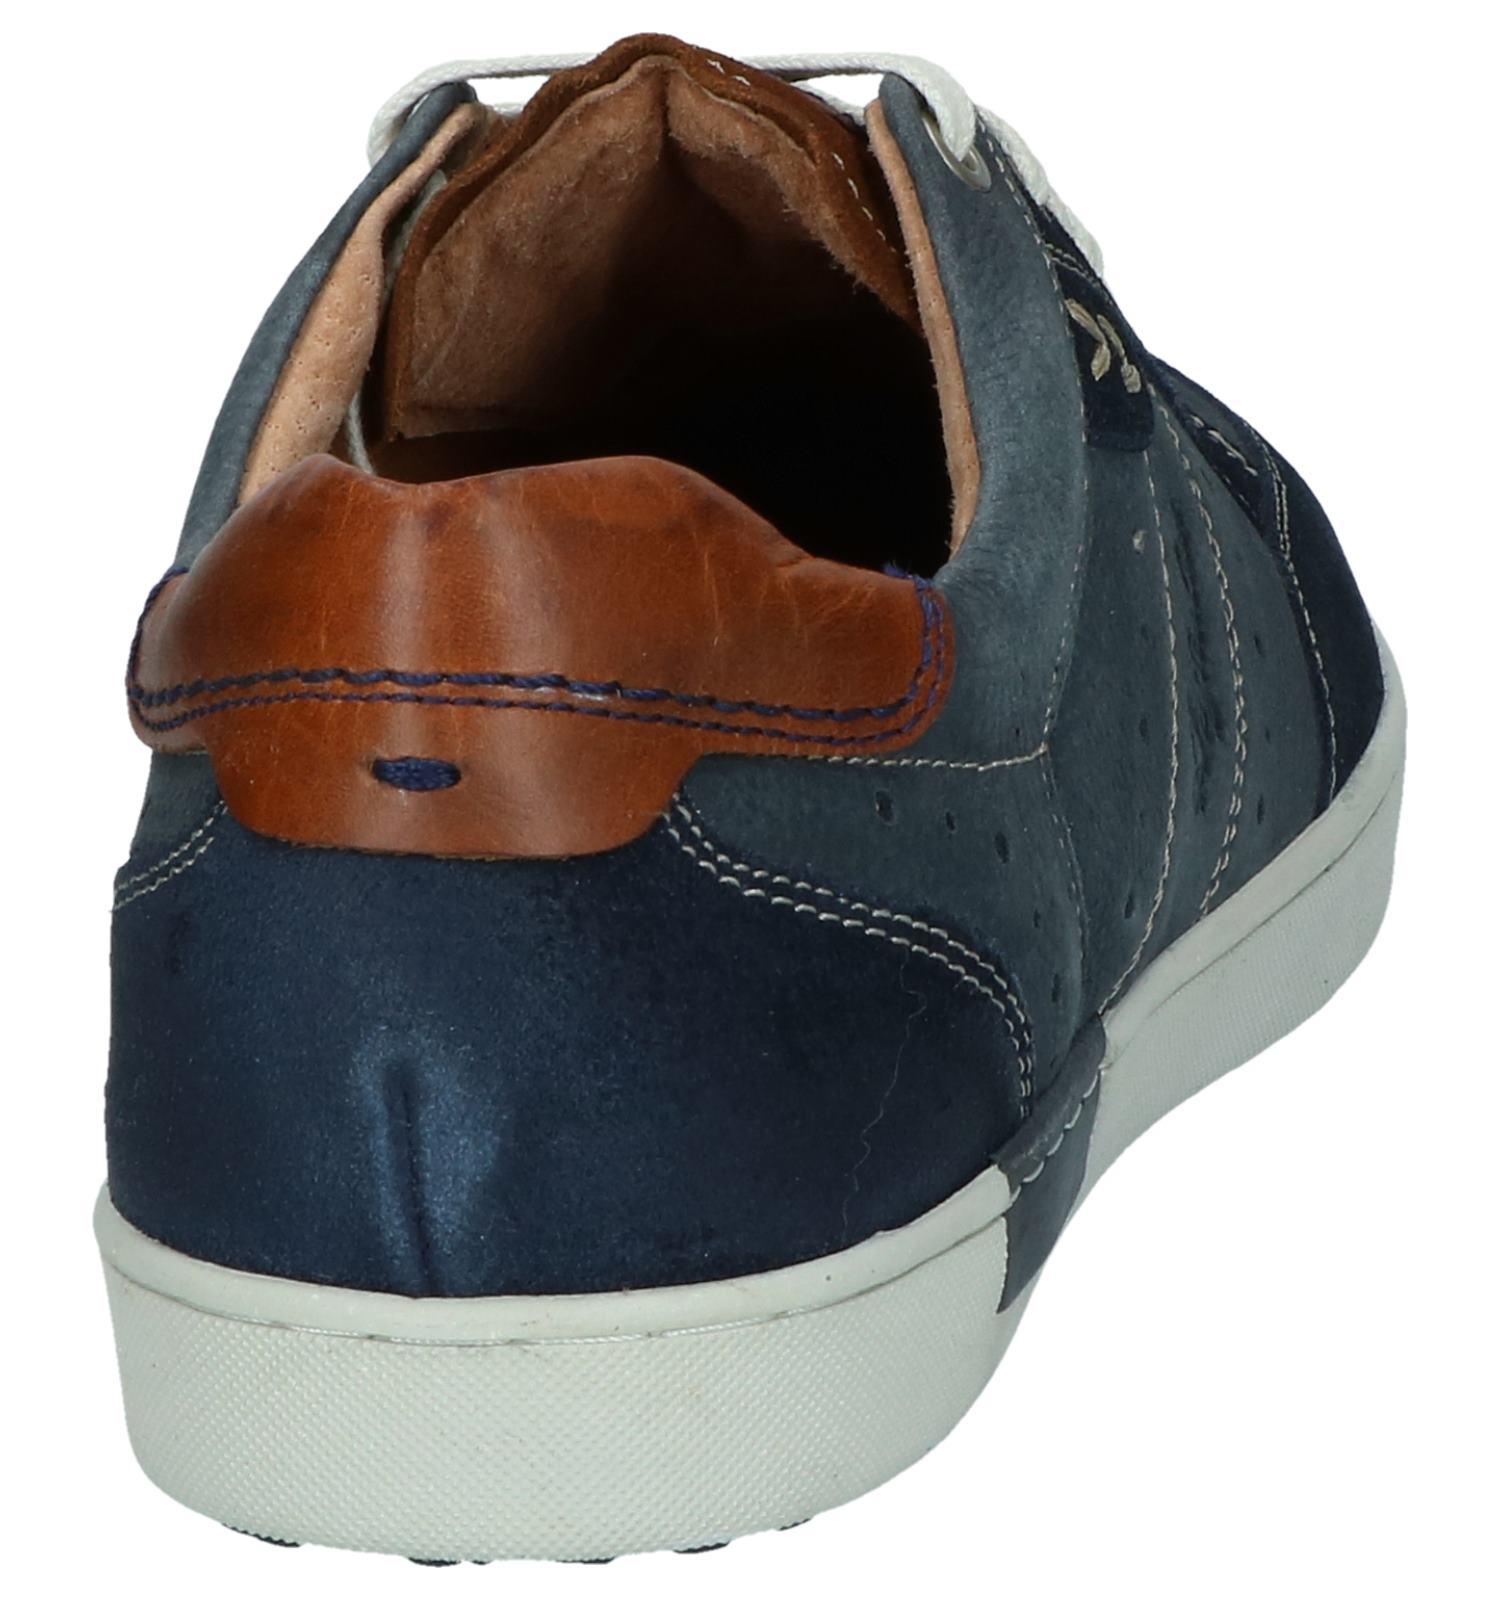 Casual Schoenen Australian Donkerblauwe Donkerblauwe Donkerblauwe Schoenen Scott Australian Casual Australian Casual Schoenen Scott 4LR3j5A